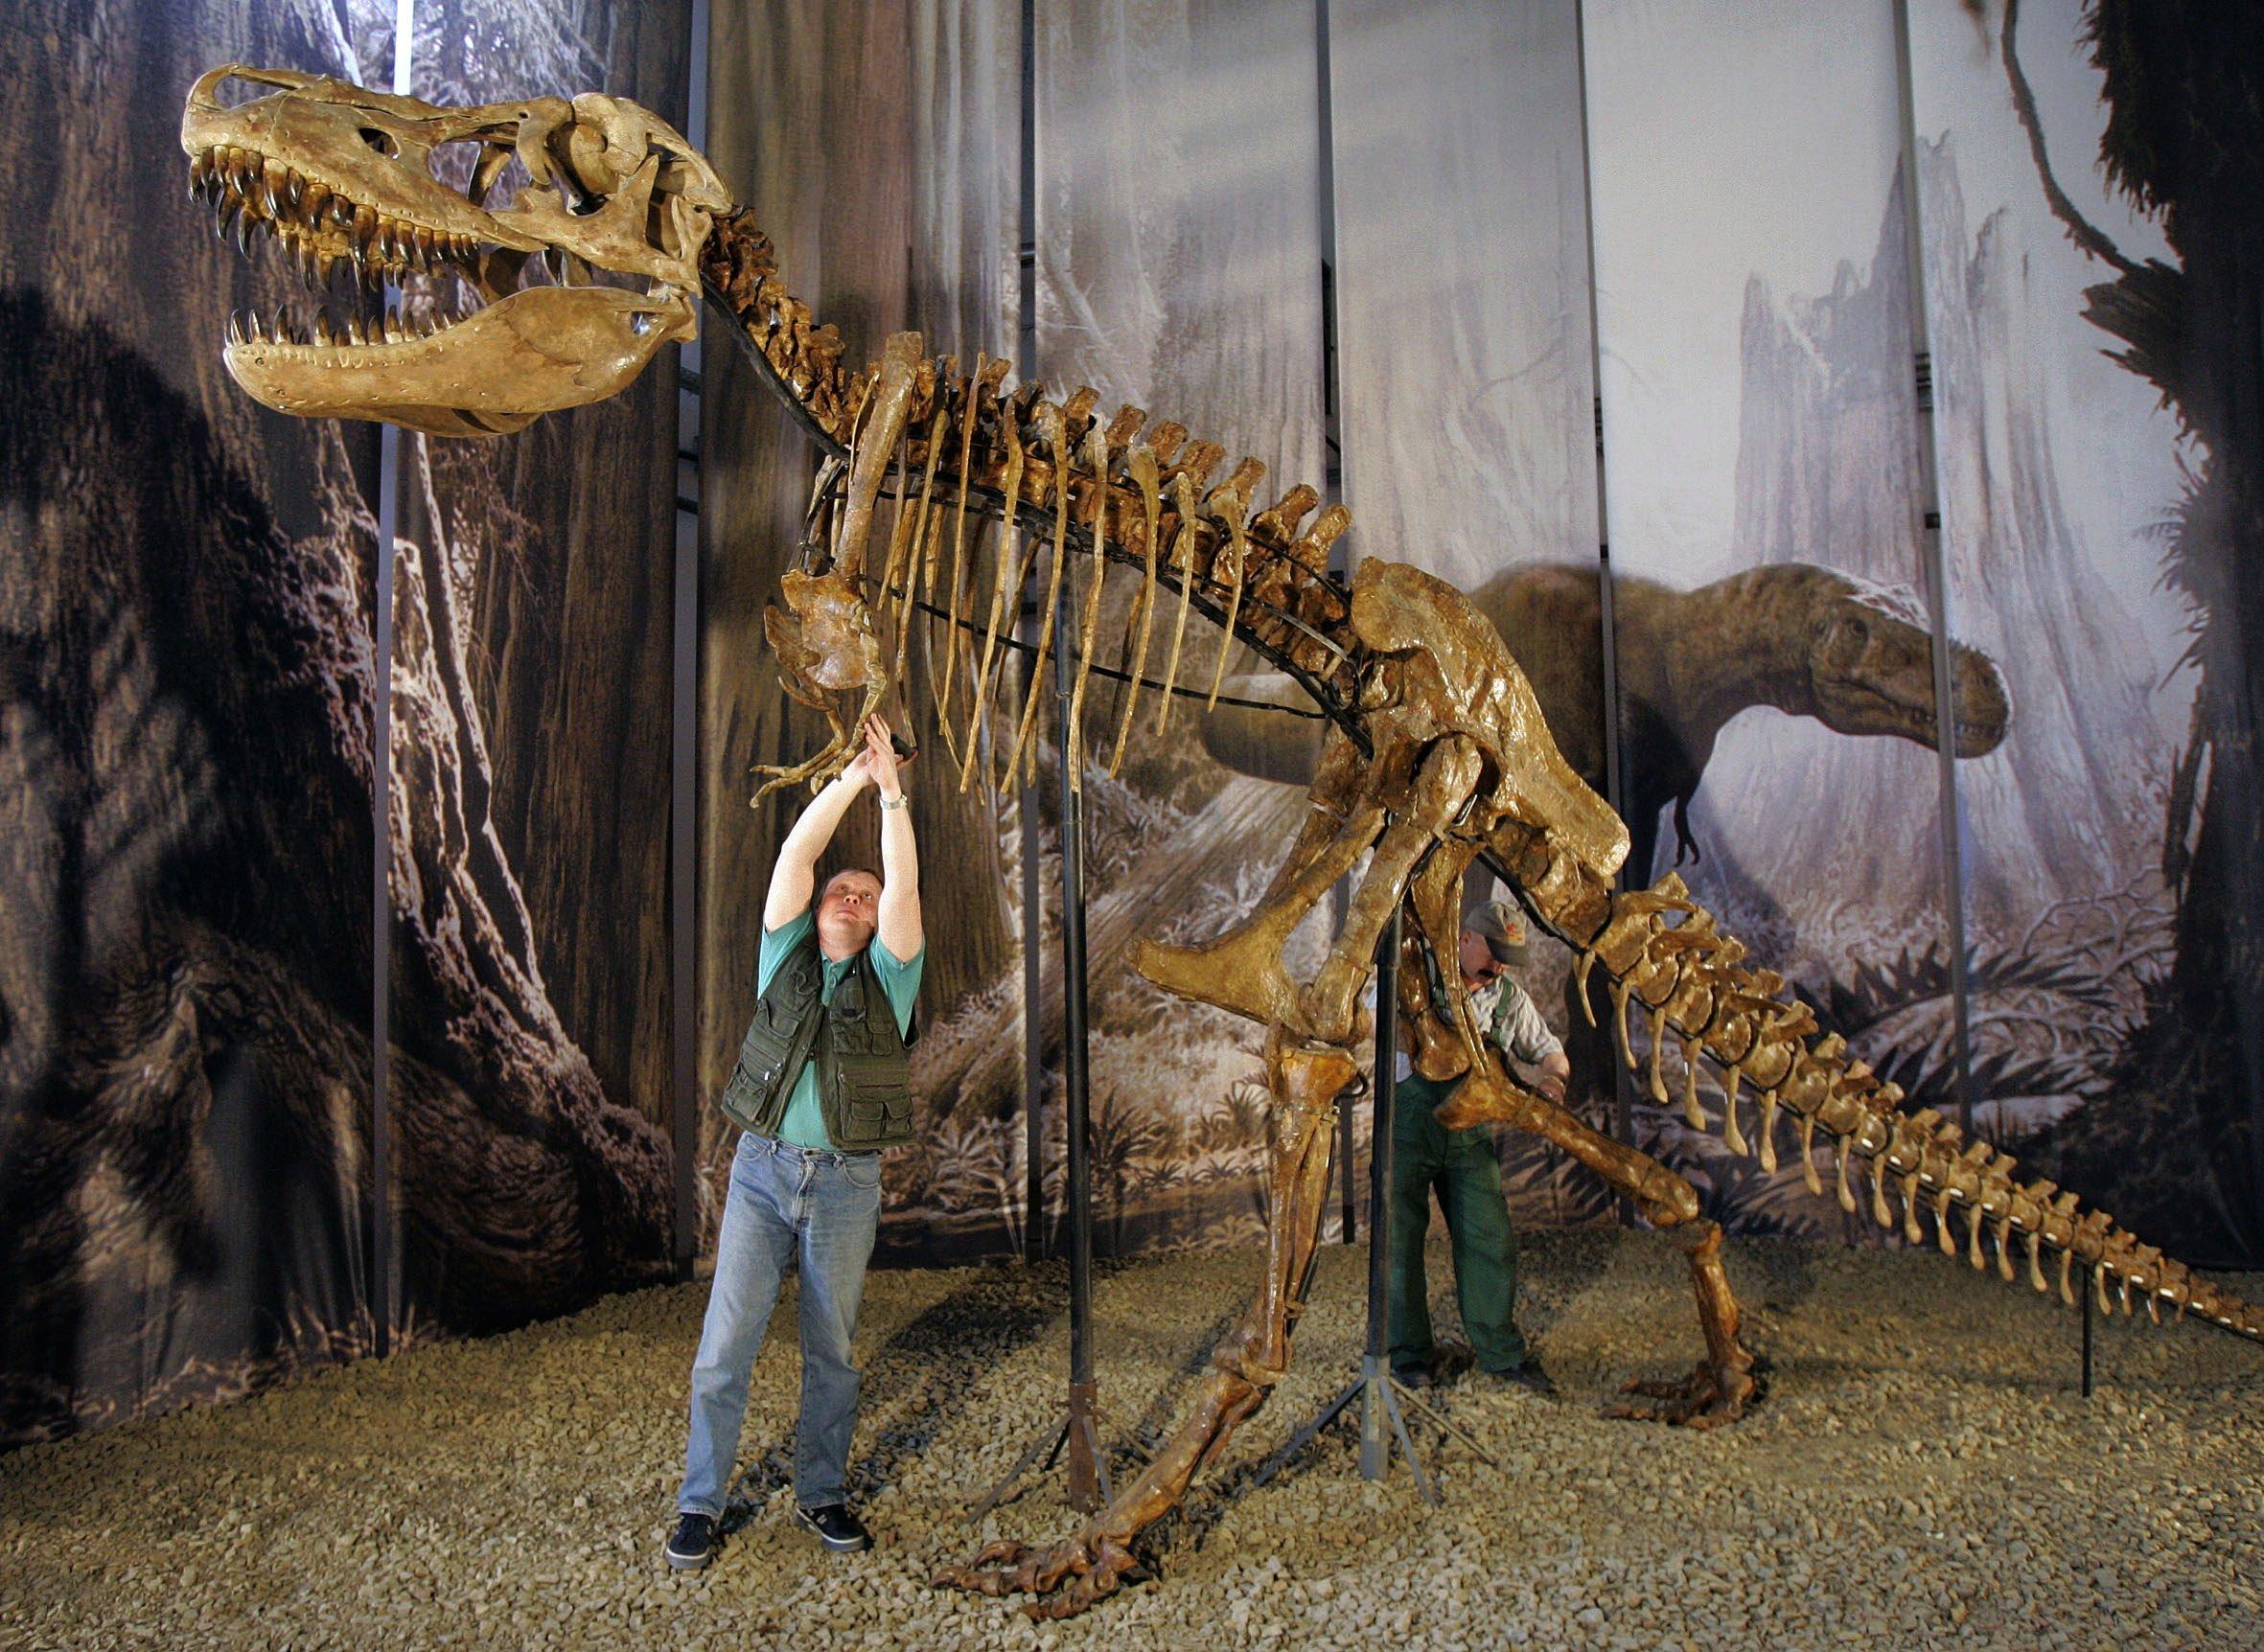 Ereilt die Menschheit ein ähnliches Schicksal wie die Dinosaurier? Forscher glauben Belege dafür gefunden zu haben, dass die Spezies Homo Sapiens der sechsten Massenaussterbungs-Welle zum Opfer fallen könnte.